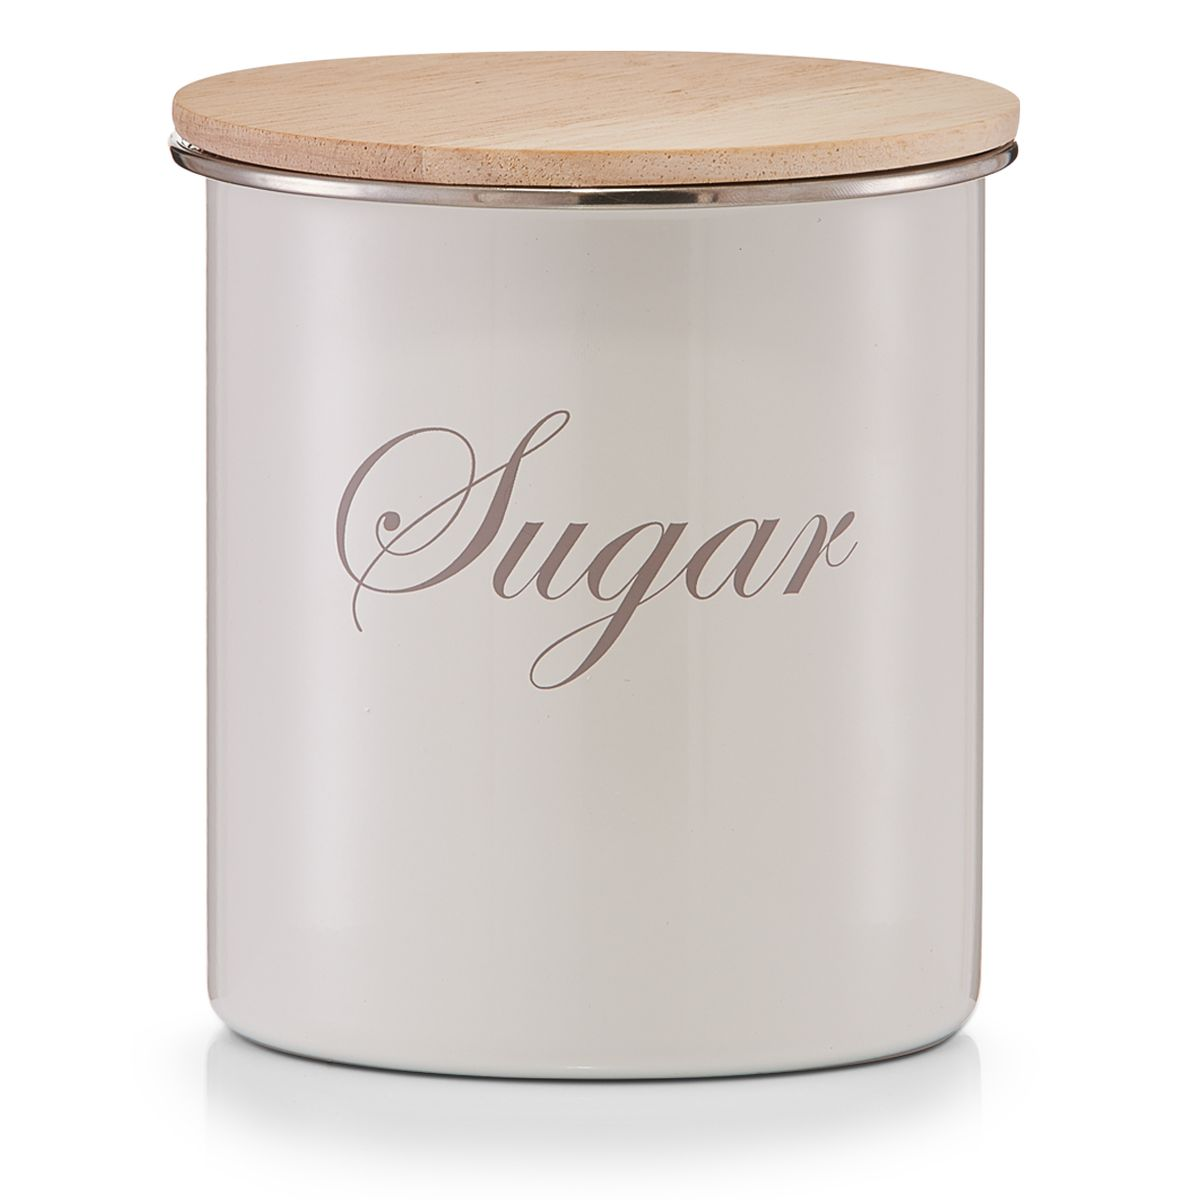 Банка для хранения Zeller Sugar, 11,2 х 11,2 х 12,5 см19311Банка Zeller Sugar, выполненная из металла, снабжена деревянной крышкой, которая плотно и герметично закрывается, дольше сохраняя аромат и свежесть содержимого. Изделие предназначено для хранения сахара. Стильная и практичная, такая банка станет незаменимым аксессуаром на любой кухне.